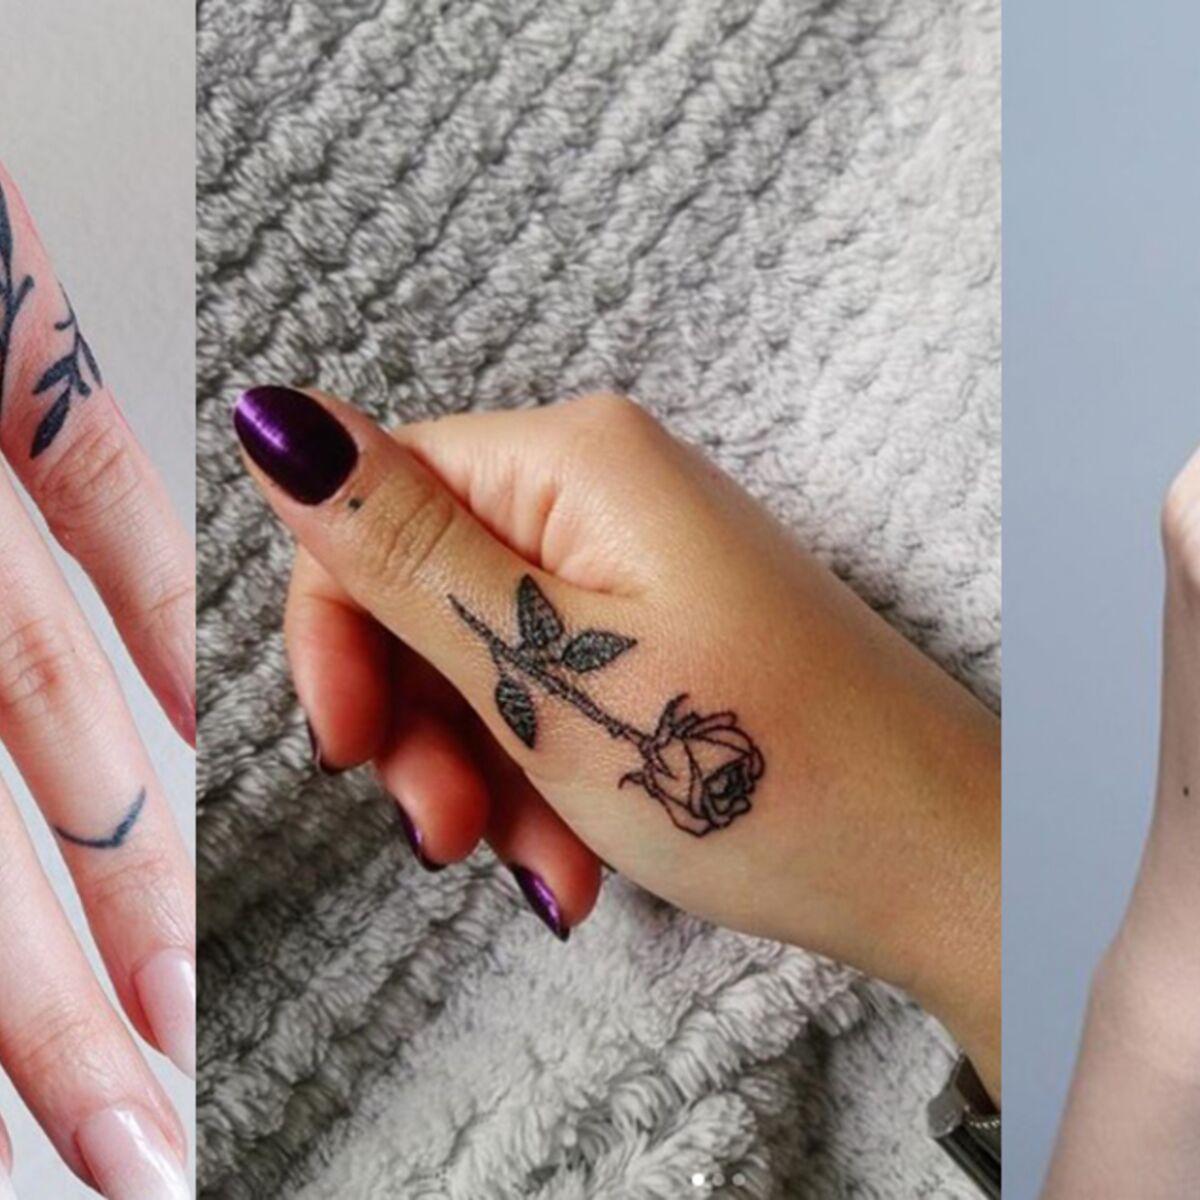 Tatouages Aux Mains Les Motifs Les Plus Tendance Du Moment Femme Actuelle Le Mag